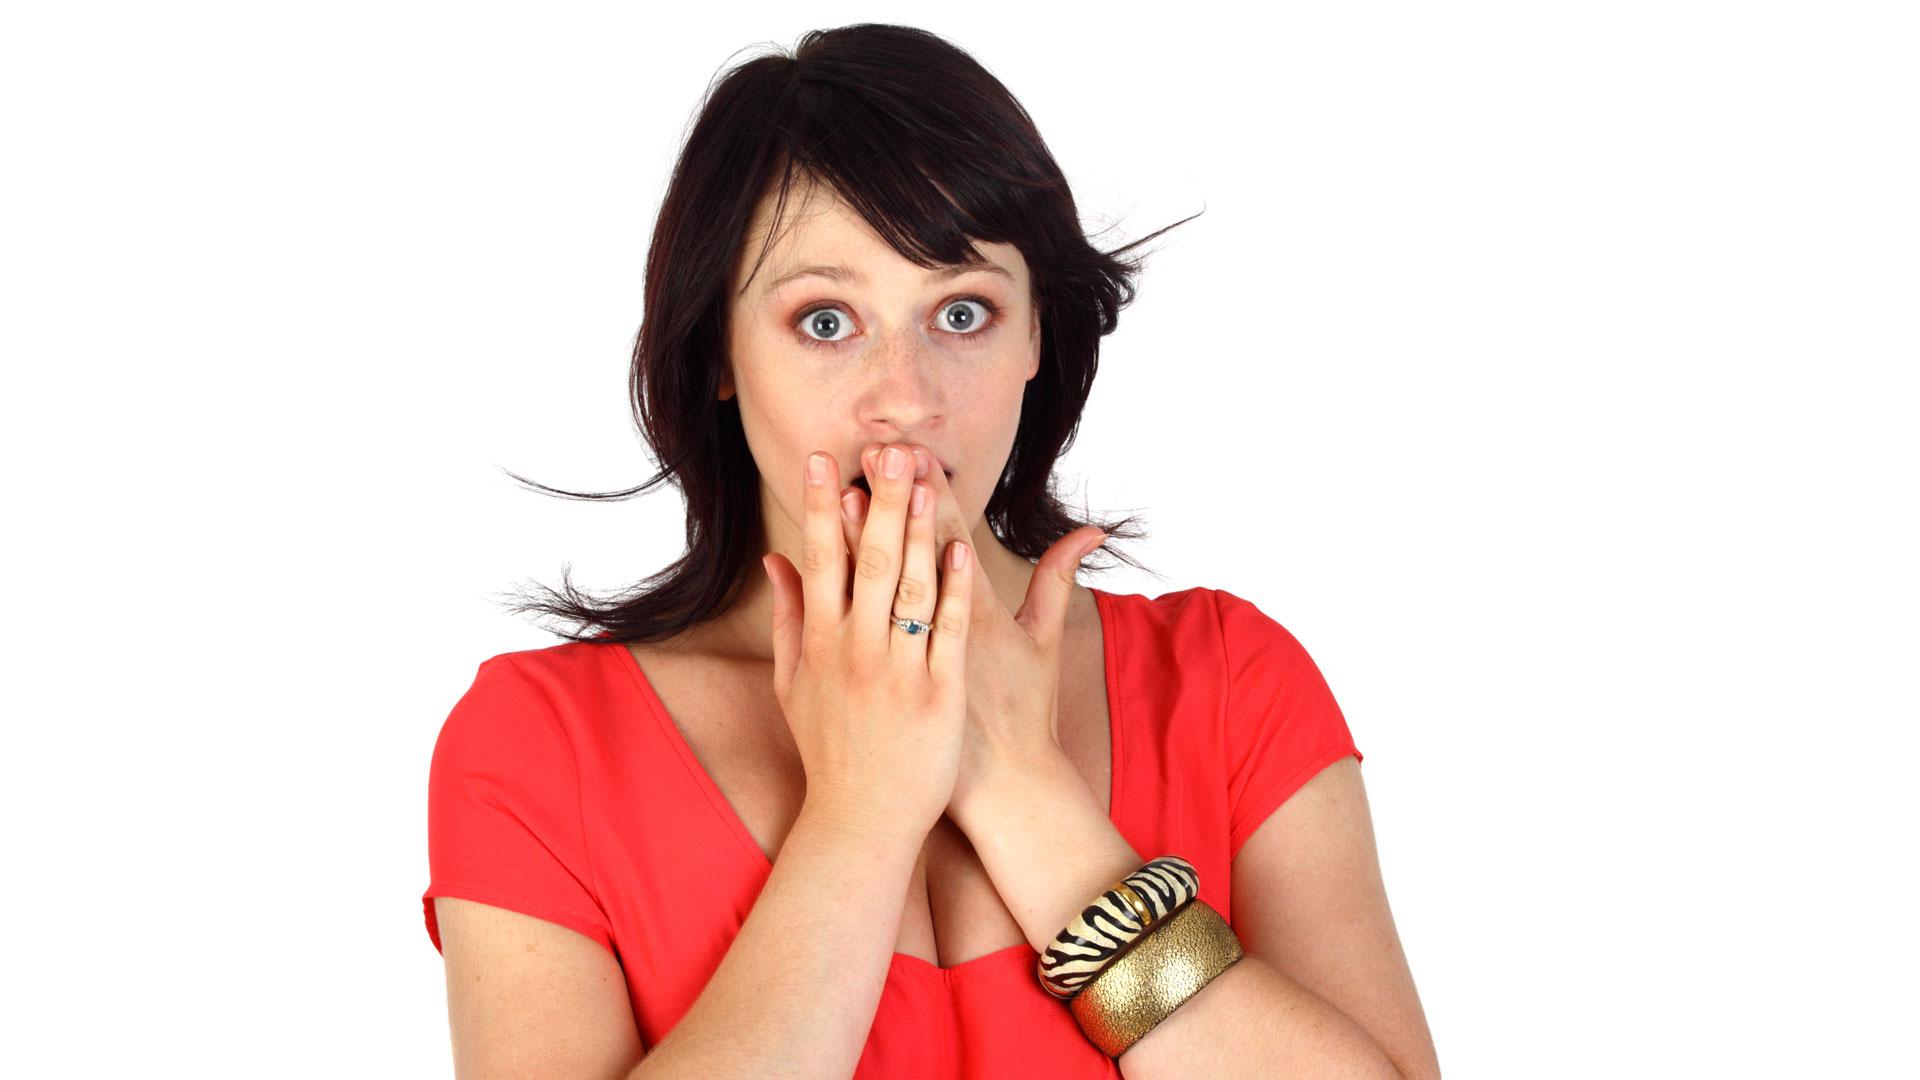 Existe una rara condición asociada al hipo que podría durar hasta semanas (iStock)